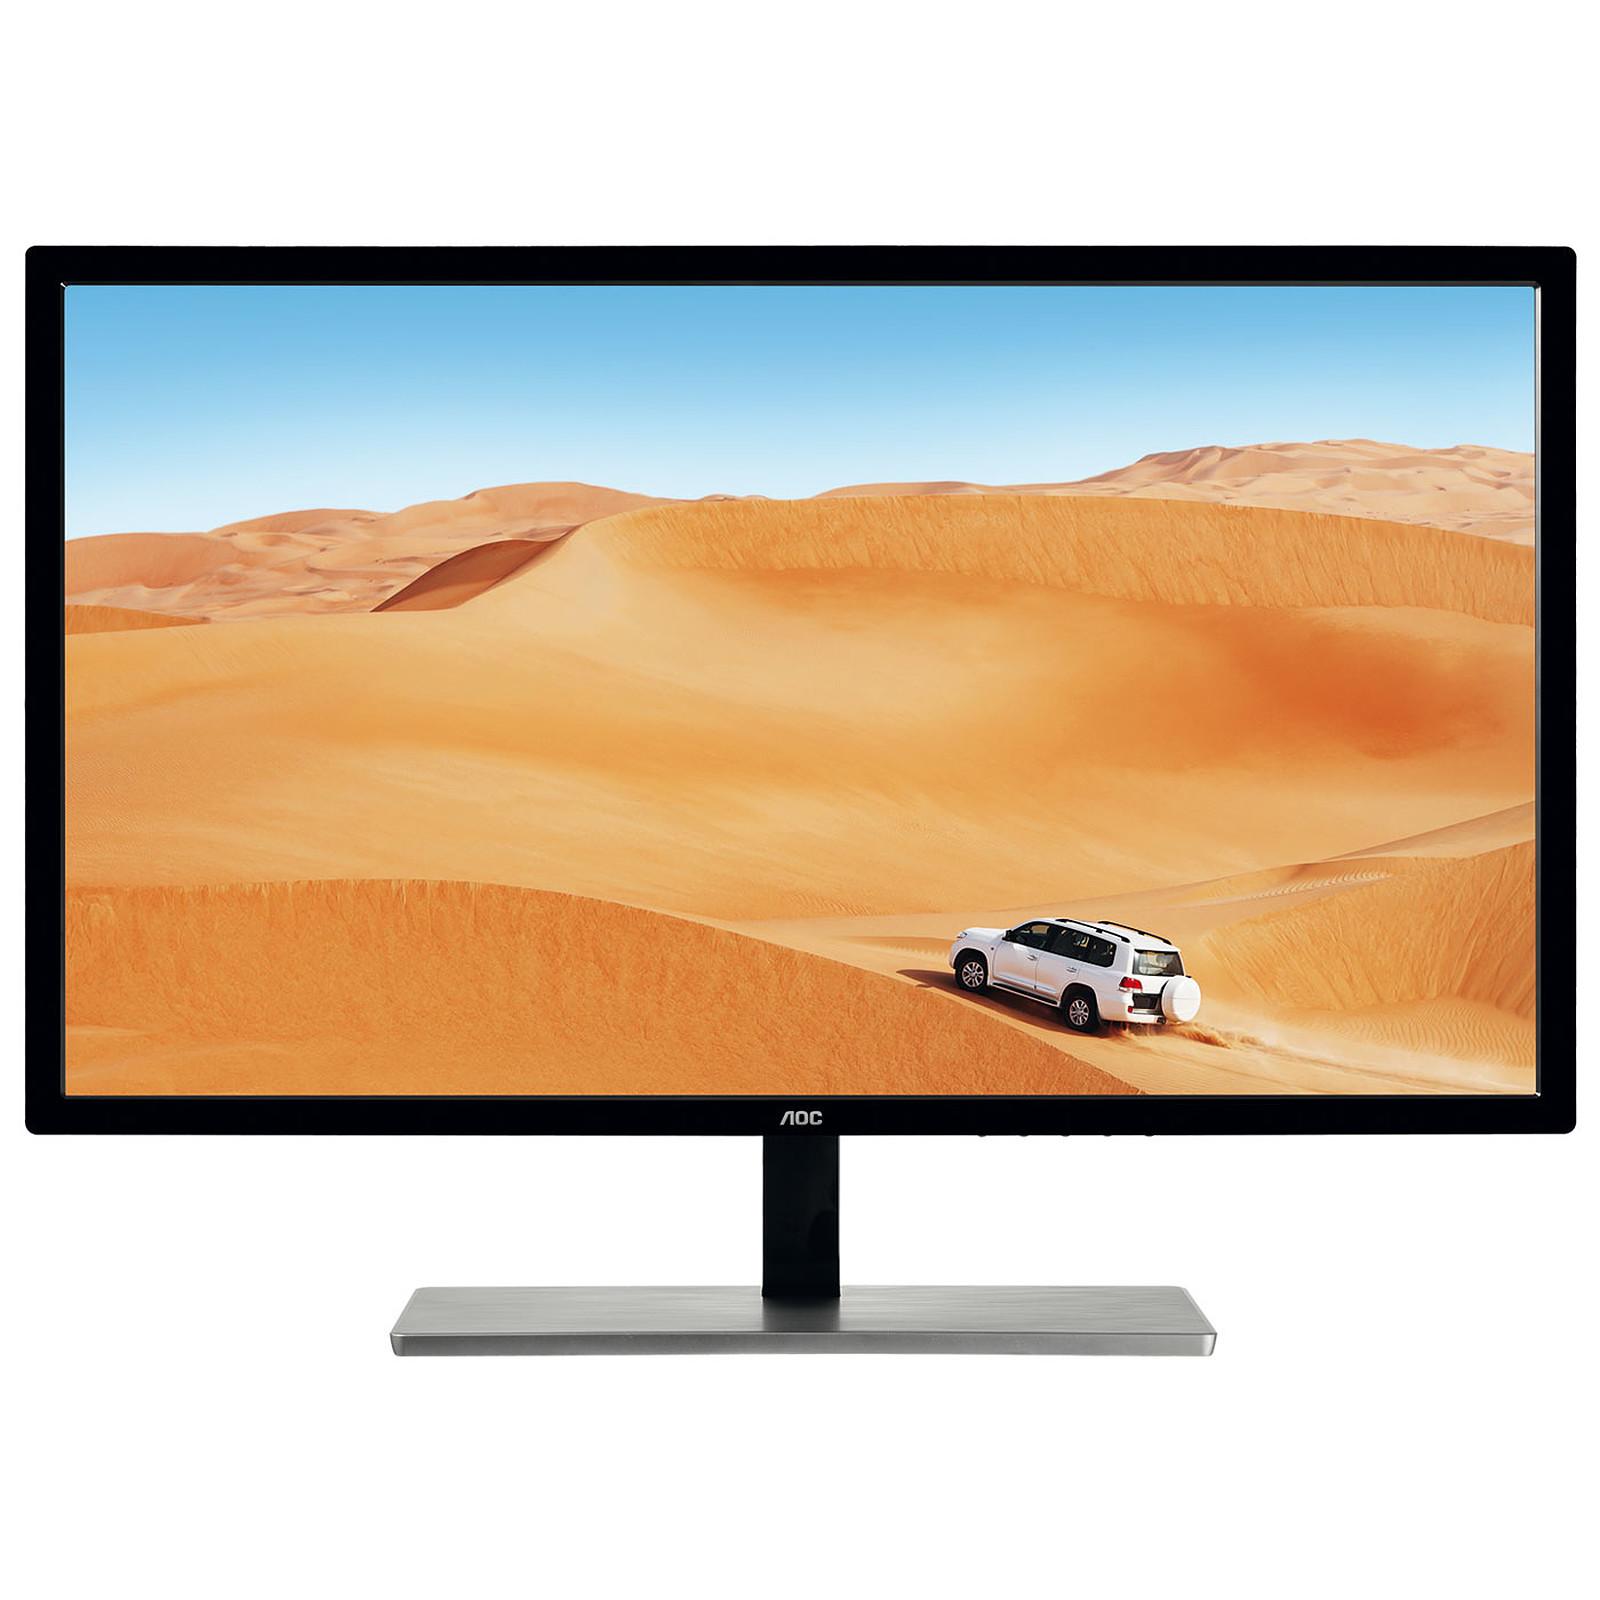 Ecran Moniteur LED 31.5 pouces 1440p AOC Q3279VWF VGA/DVI/HDMI (5ms),Informatique Réunion 974